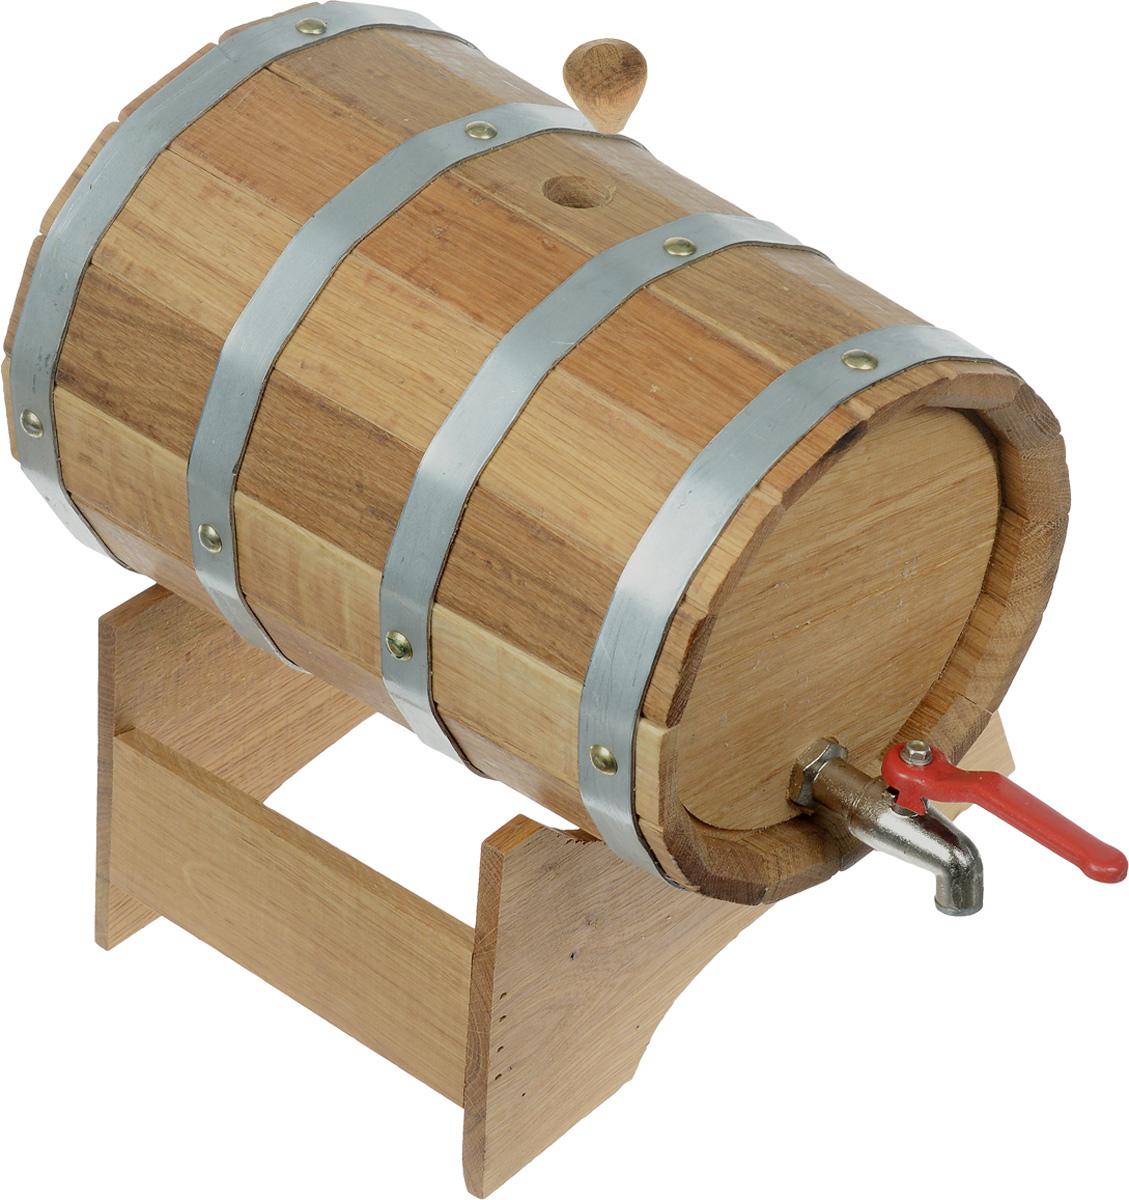 Бочонок для бани и сауны Proffi Sauna, на подставке, 5 лPH0195Бочонок Proffi Sauna изготовлен из дуба. Он прекрасно впишется своим дизайном в интерьер.Дубовый бочонок является одним из лучших среди бондарных изделий для использования в бане или сауне. Корпус бочонка состоит из металлических обручей, стянутых клепками. Для более удобного использования изделие имеет краник и подставку. Главное достоинство в том, что все полезные свойства остаются в сохранности.Эксплуатация бондарных изделий. Перед первым использованием бондарное изделие рекомендуется подготовить. Для этого нужно наполнить изделие холодной водой и оставить наполненным на 2-3 часа. Затем необходимо воду слить, обдать изделие сначала горячей, потом холодной водой. Не рекомендуется оставлять бондарные изделия около нагревательных приборов, а также под длительным воздействием прямых солнечных лучей.С момента начала использования бондарного изделия не рекомендуется оставлять его без воды на срок более 1 недели. Но и продолжительное время хранить в таких изделиях воду тоже не следует.После каждого использования необходимо вымыть и ошпарить изделие кипятком. В качестве моющих средств желательно использовать пищевую соду либо раствор горчичного порошка.Правильное обращение с бондарными изделиями позволит надолго сохранить их эксплуатационные свойства и продлить срок использования! Объем бочонка: 5 л. Диаметр бочонка (по верхнему краю): 18,5 см. Размер подставки: 19 х 26 х 13 см.